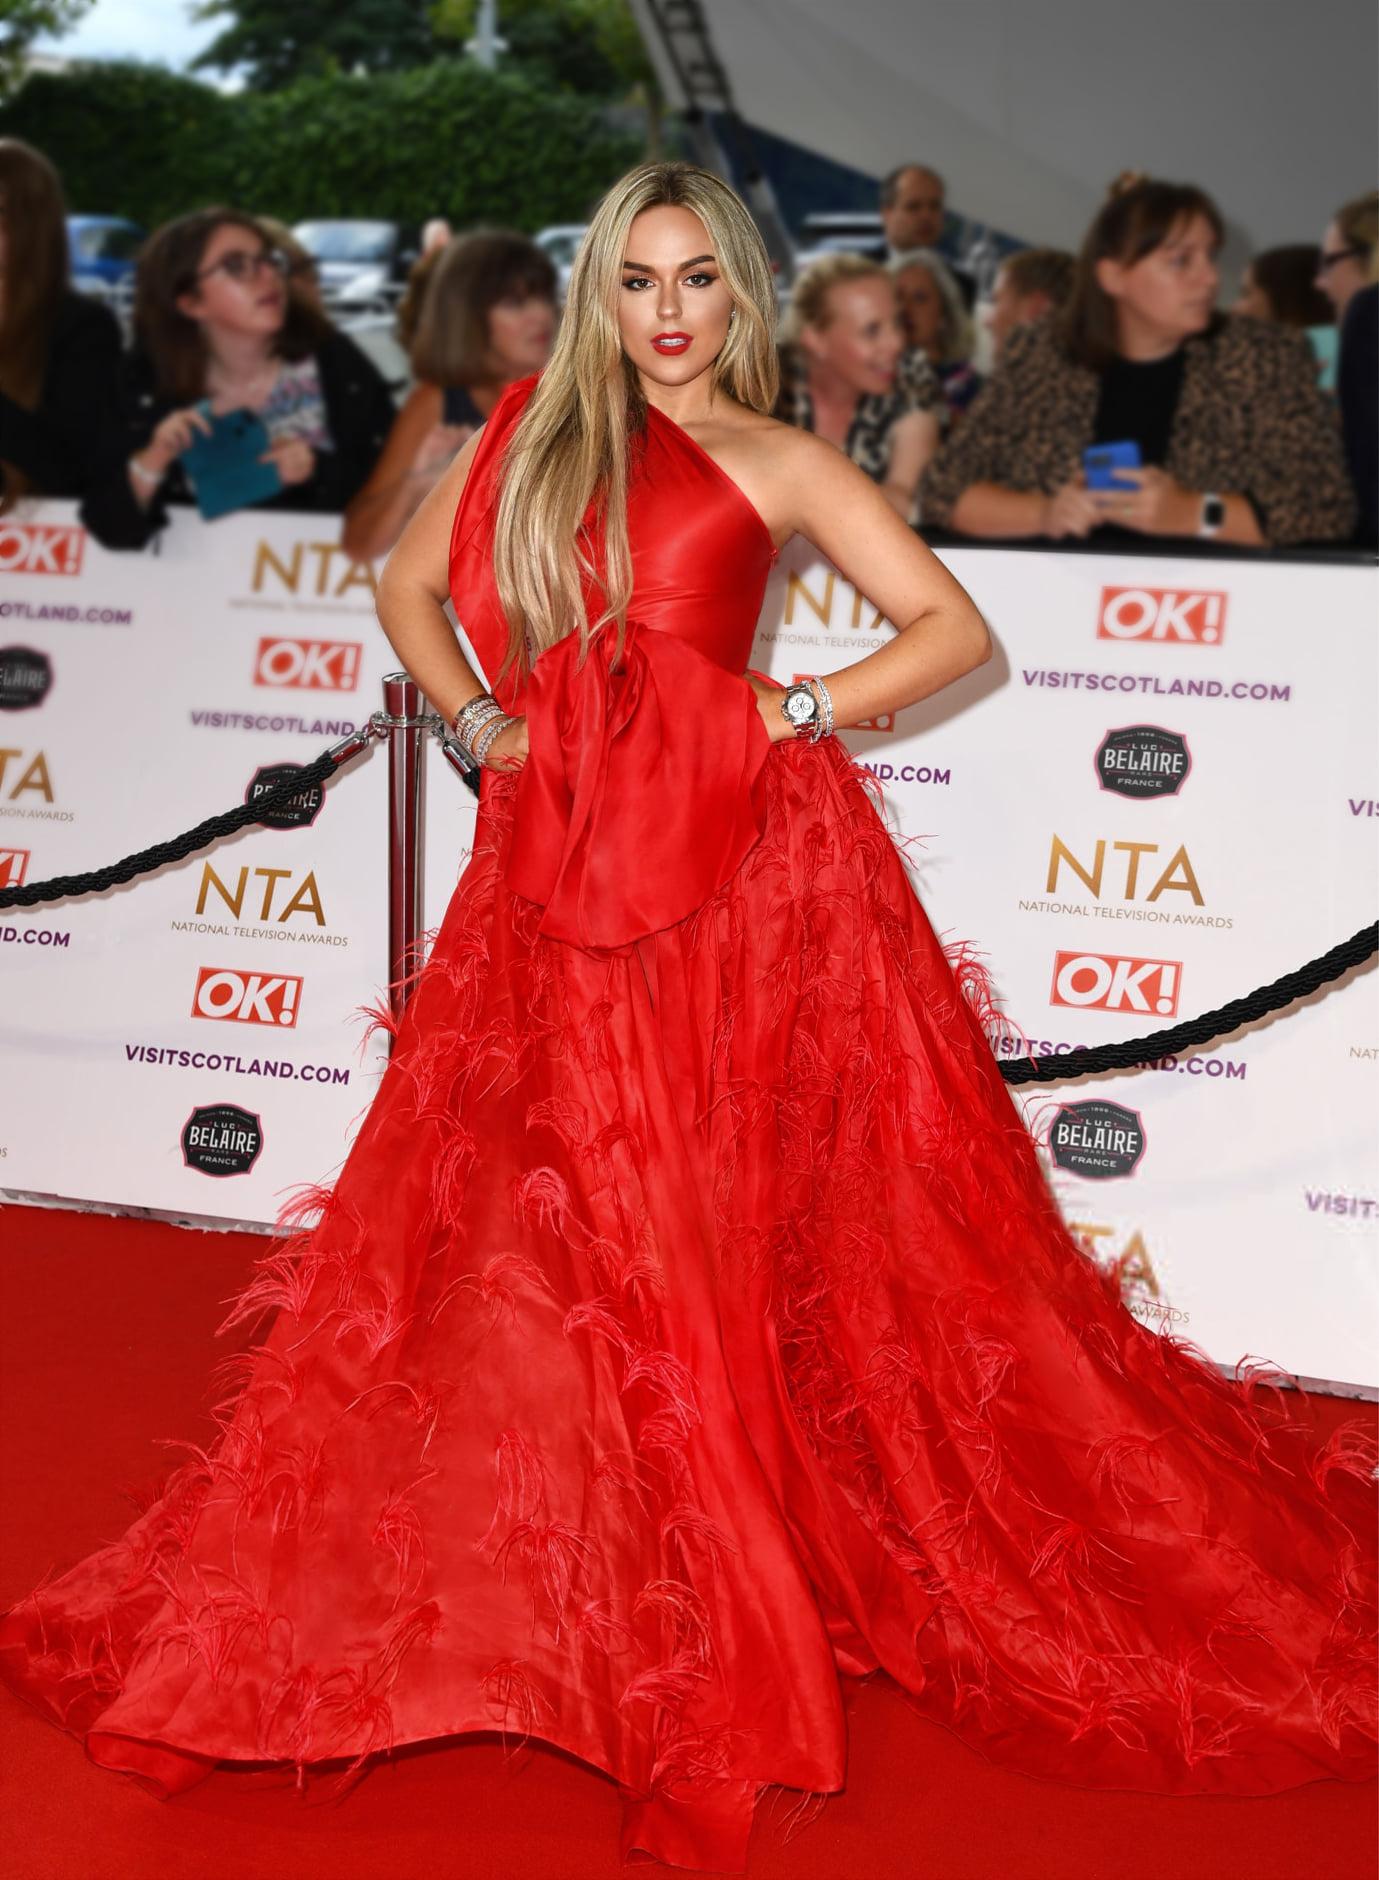 Nhạc sĩ, ca sĩ Tallia Storm cùng tham dự sự kiện này. Cô xuất hiện với bộ váy màu đỏ nổi bật có điểm nhấn là chi tiết nơ to bản bất đối xứng cùng lông vũ được đính kết ờ phần tùng váy.